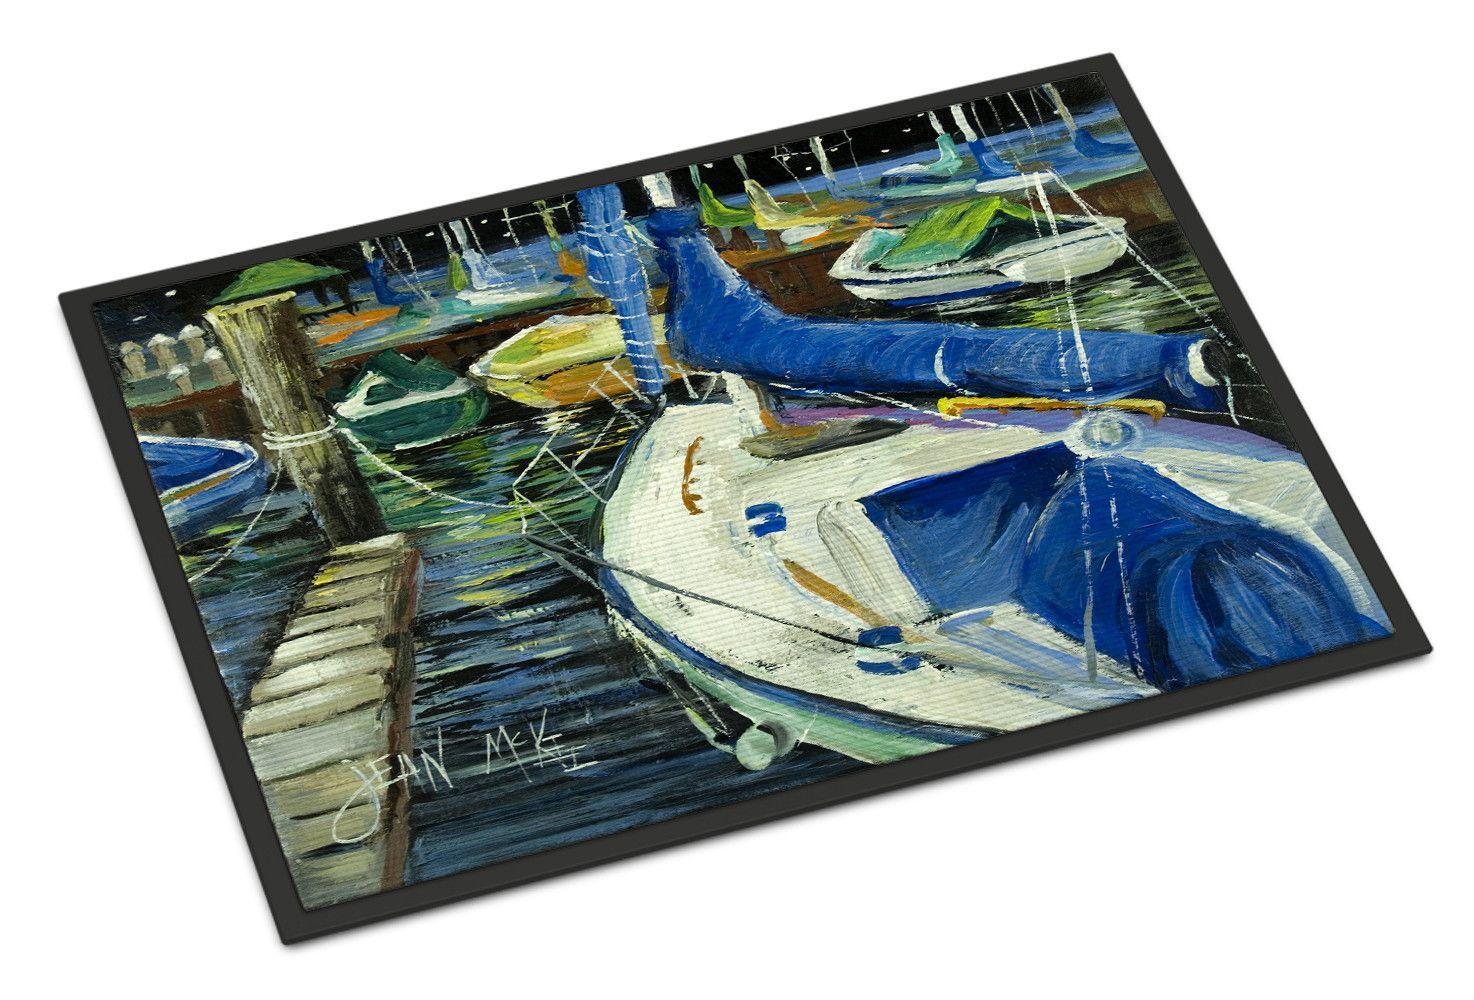 Night on the Docks Sailboat Indoor or Outdoor Mat 24x36 JMK1031JMAT